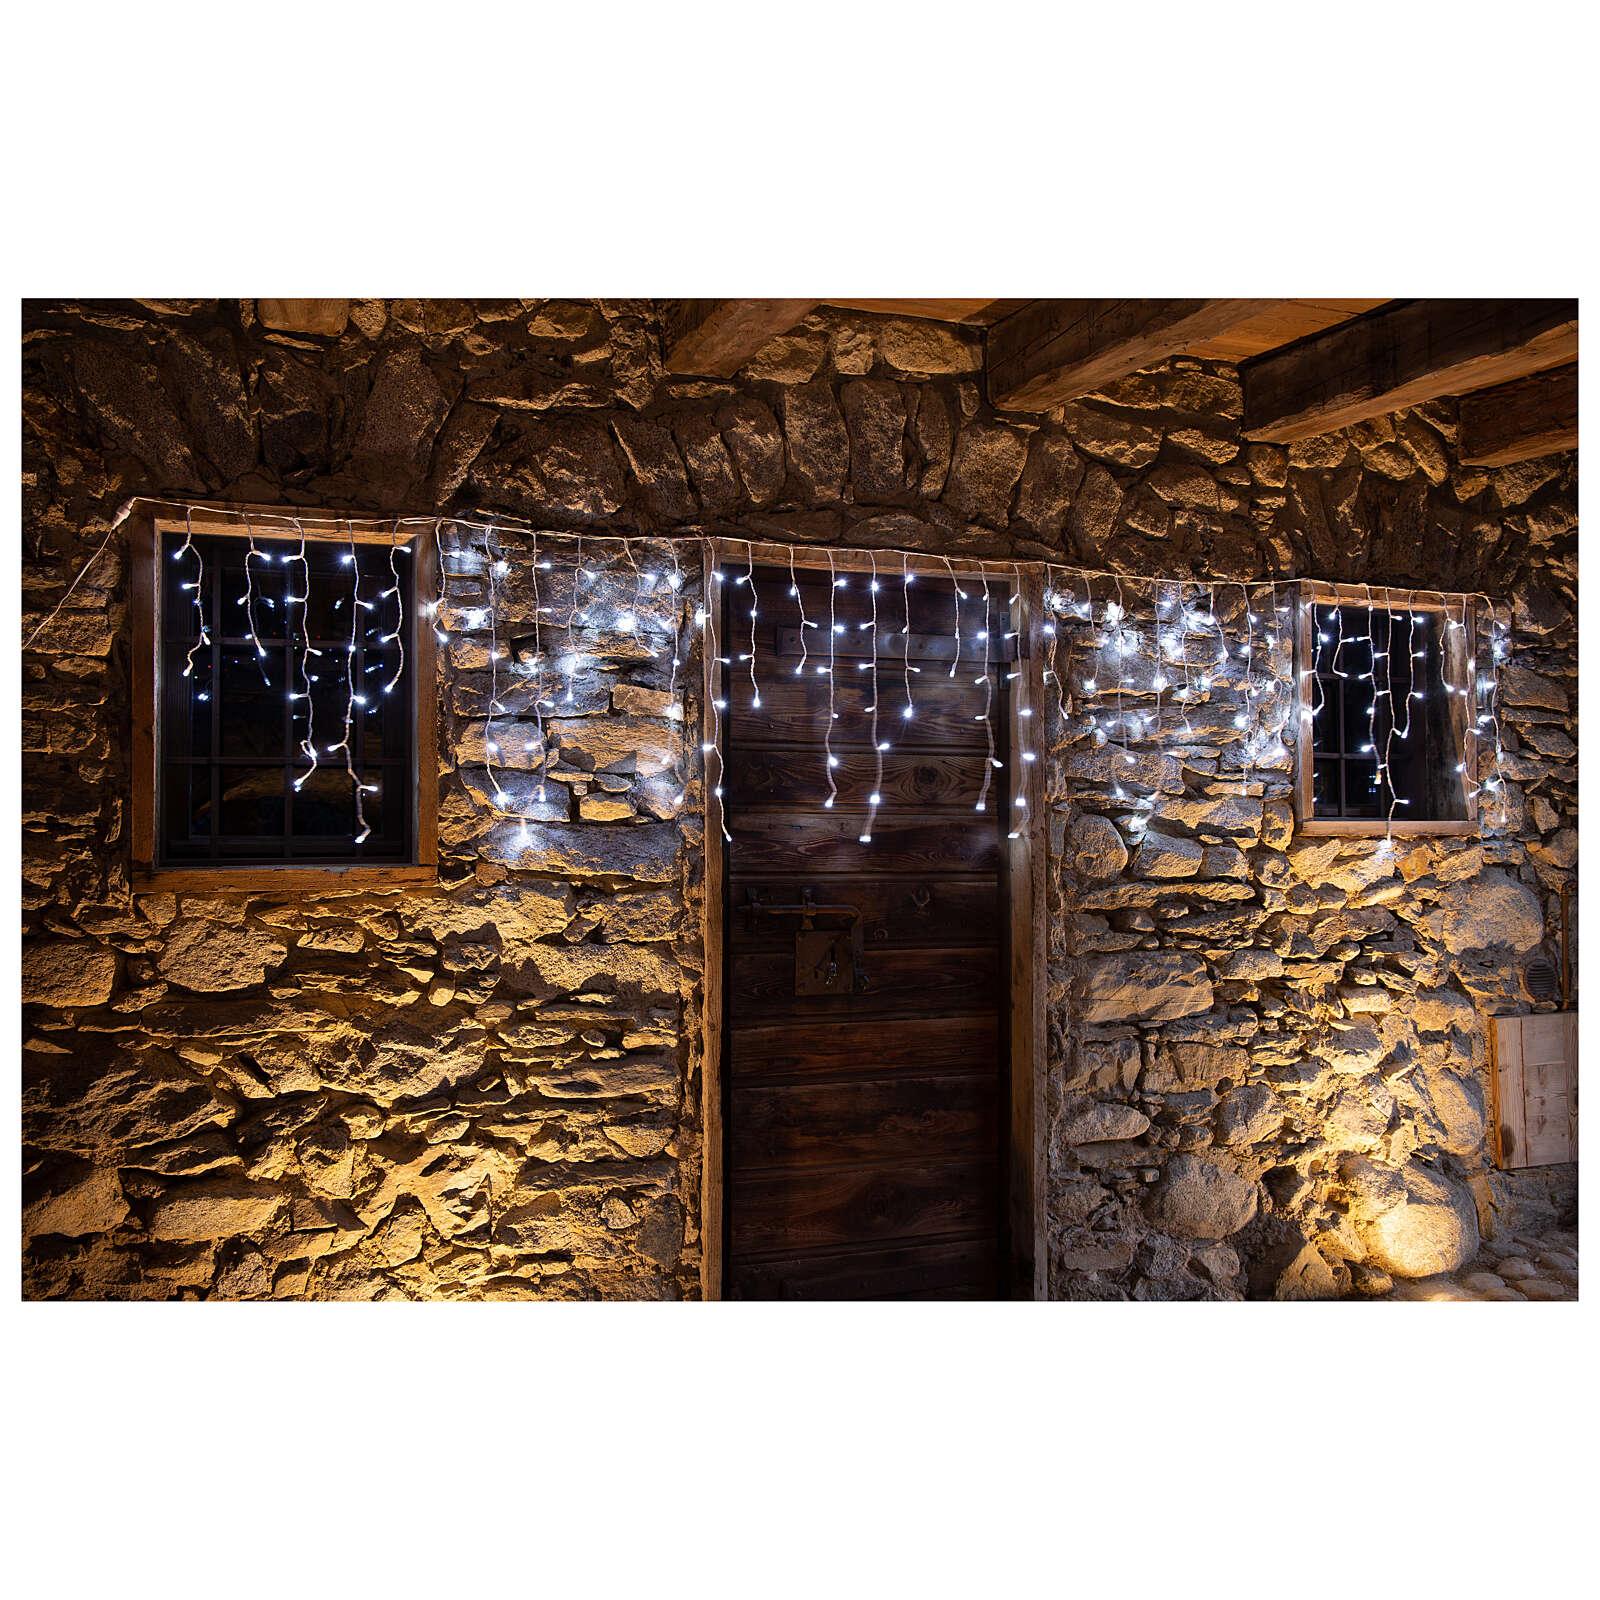 Luces estalactitas 180 led hielo interior exterior 3